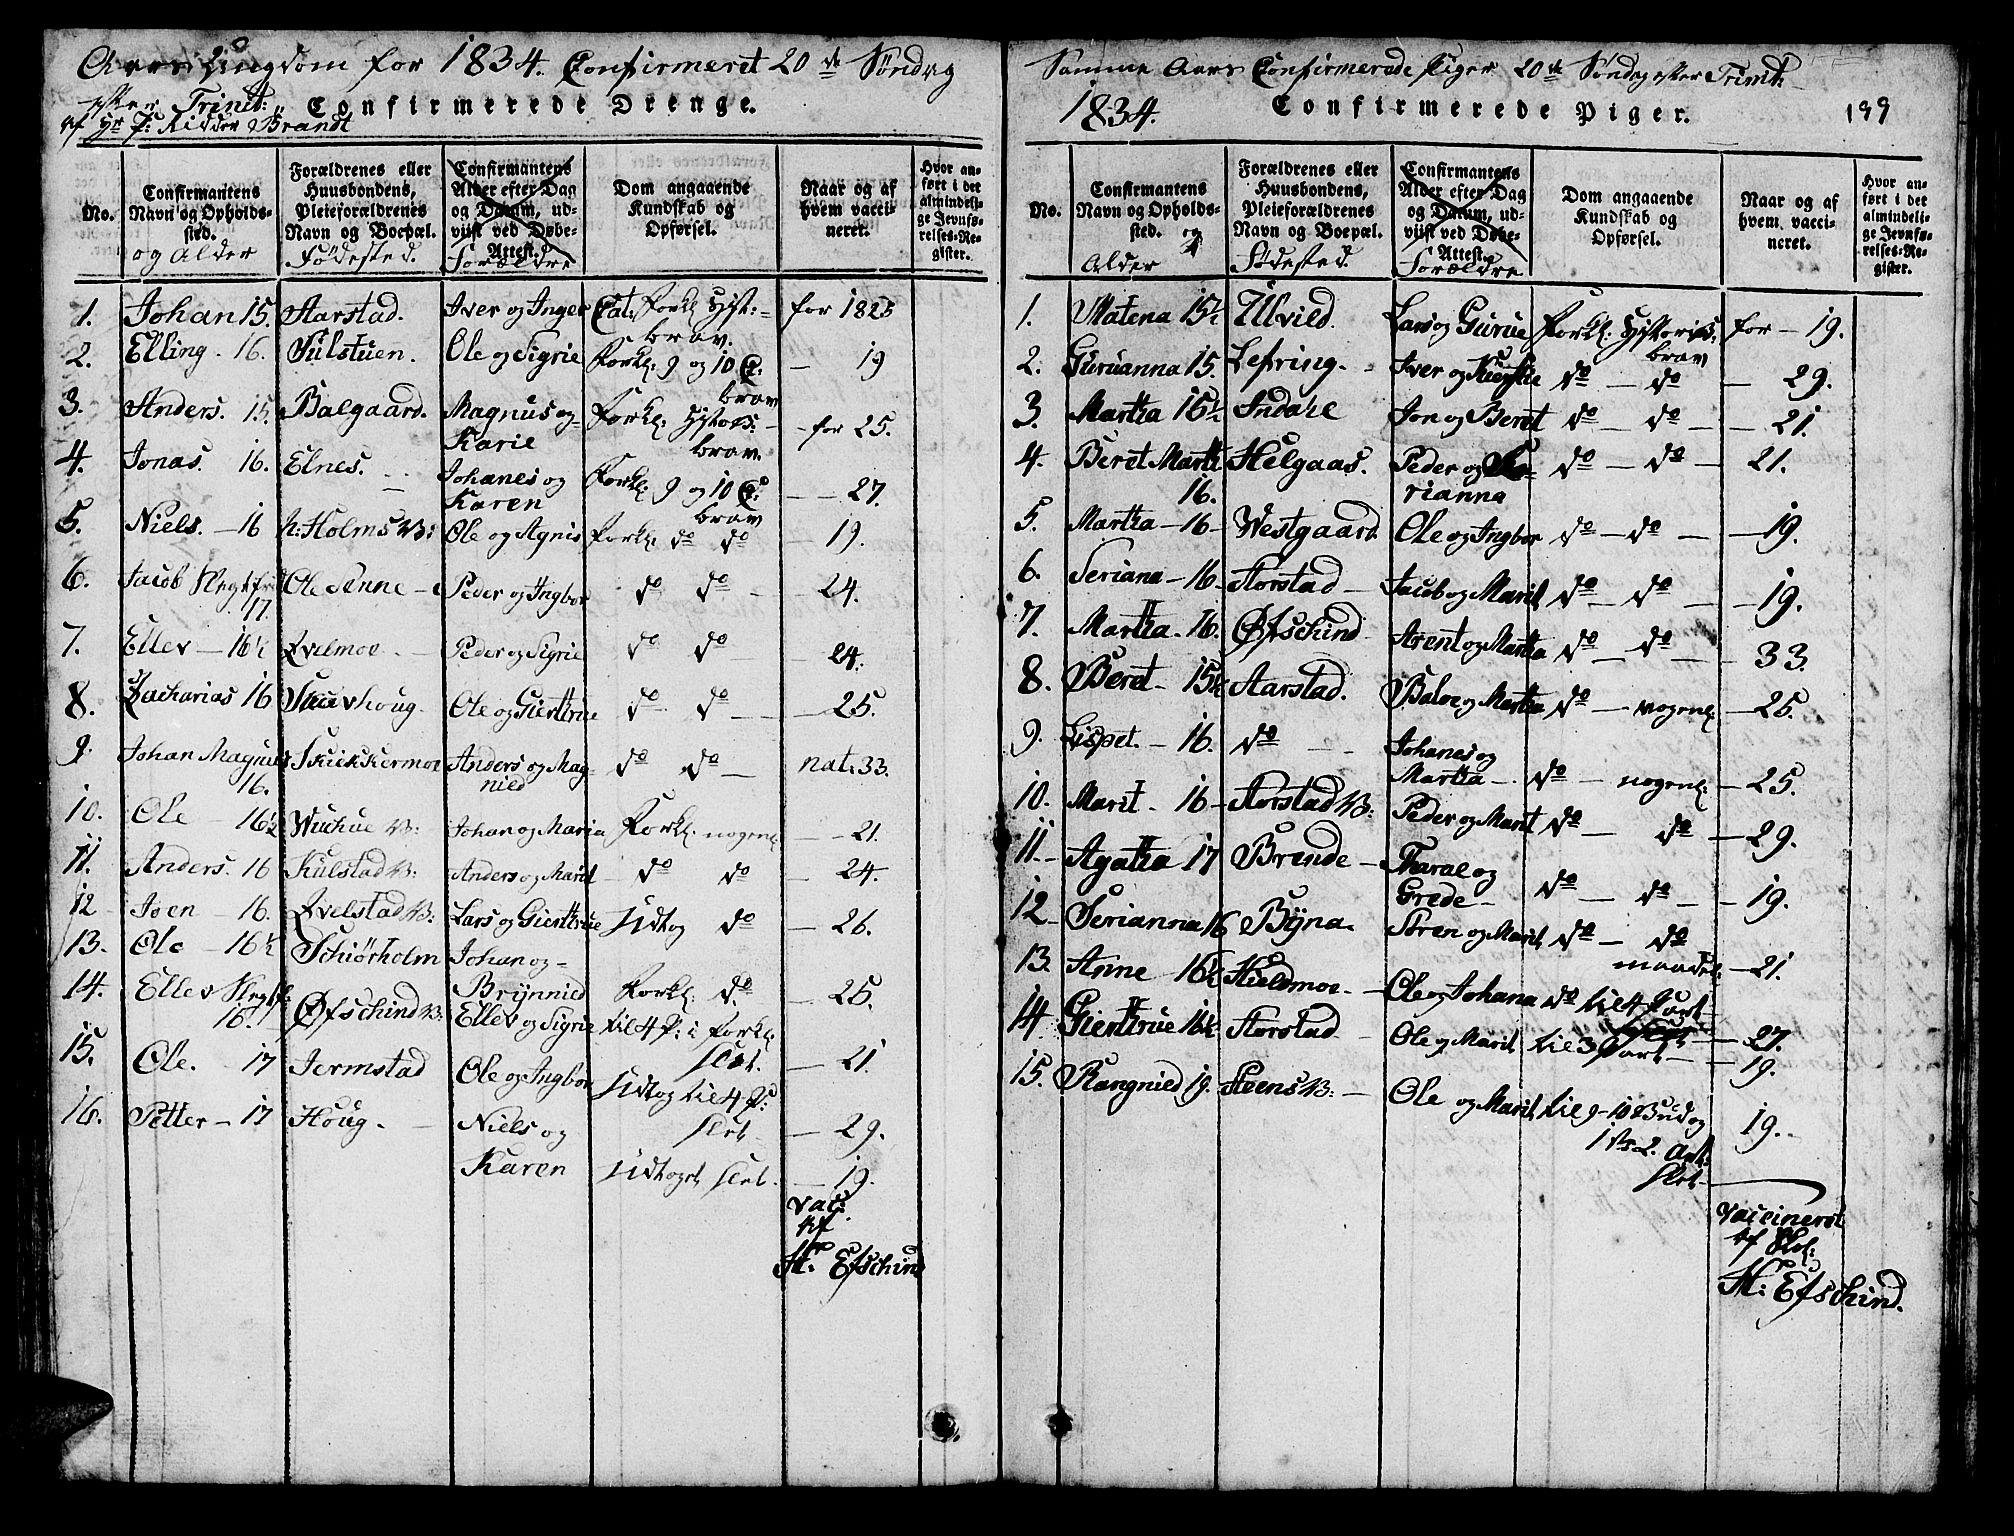 SAT, Ministerialprotokoller, klokkerbøker og fødselsregistre - Nord-Trøndelag, 724/L0265: Klokkerbok nr. 724C01, 1816-1845, s. 199